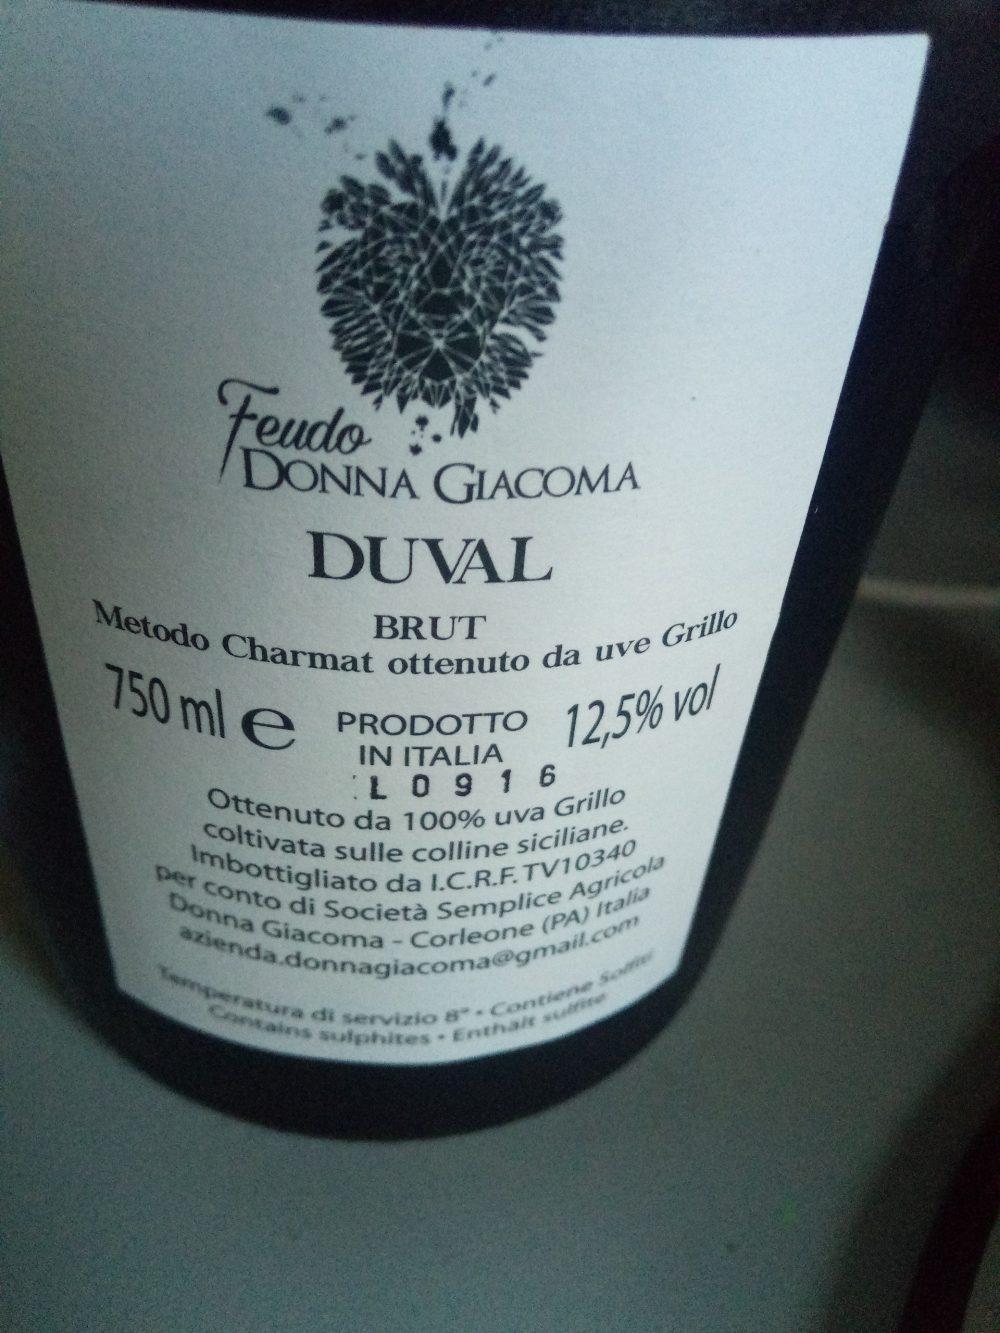 Controetichetta Duval Brut Metodo Charmat Feudo Donna Giacoma